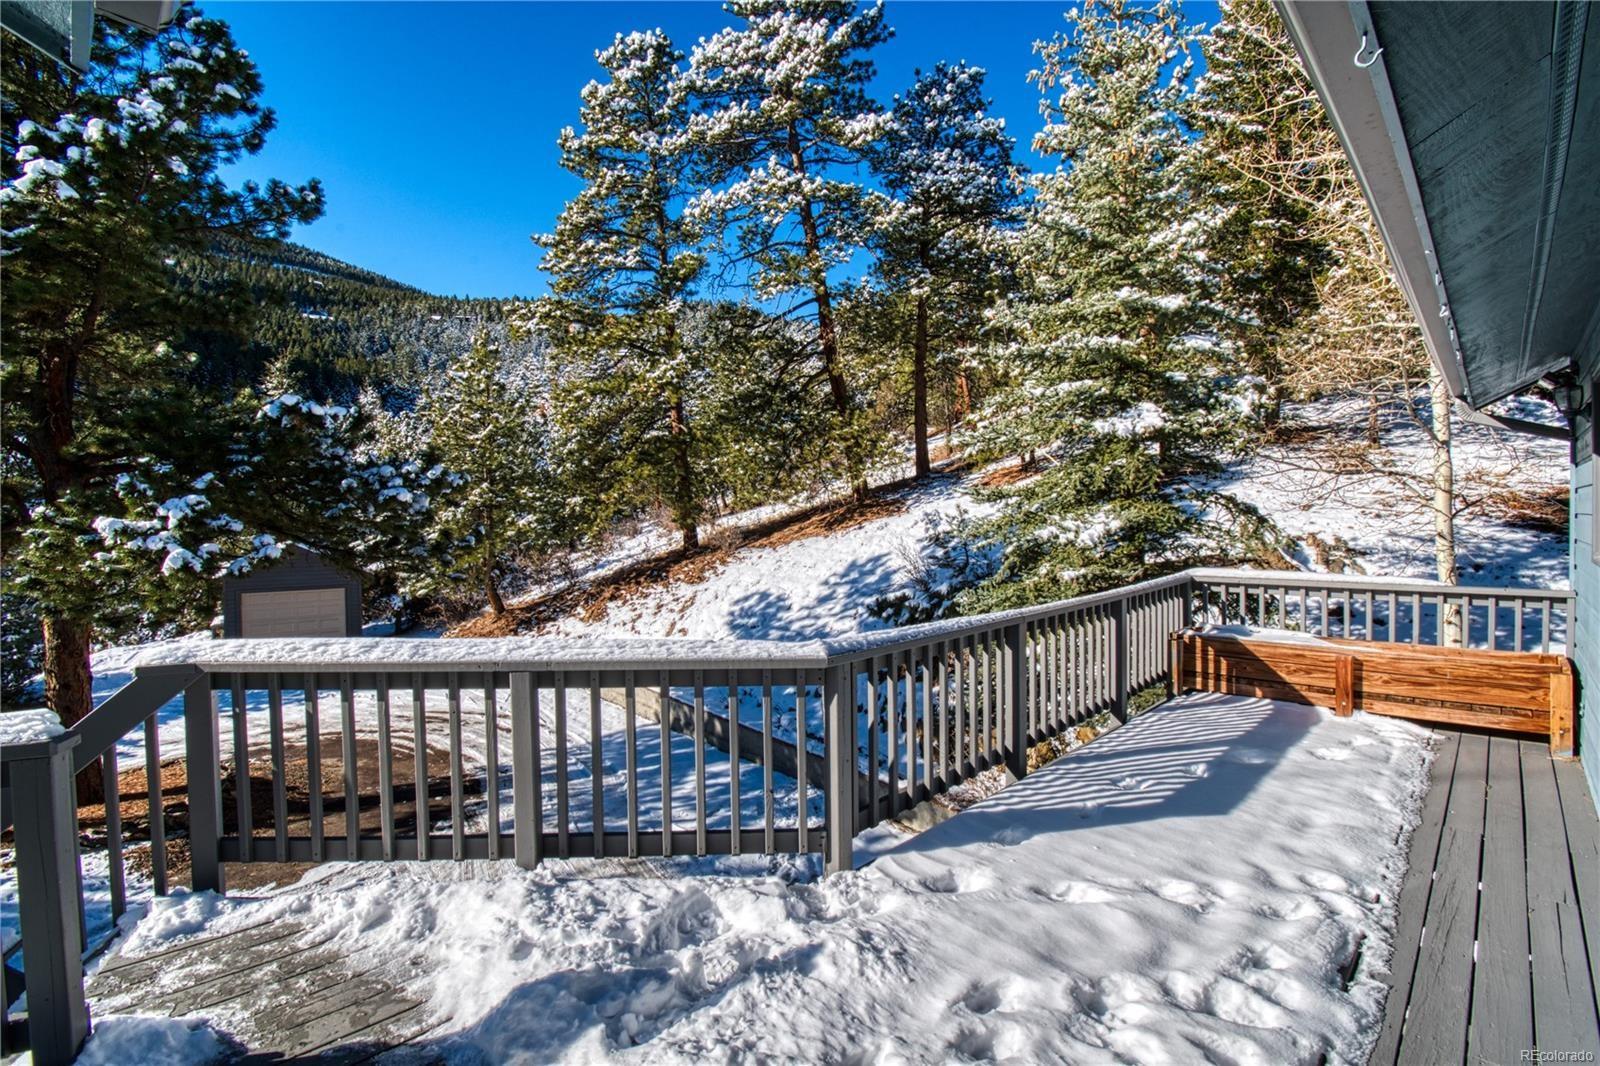 MLS# 8807220 - 4 - 89 Upper Elk Valley Drive, Evergreen, CO 80439